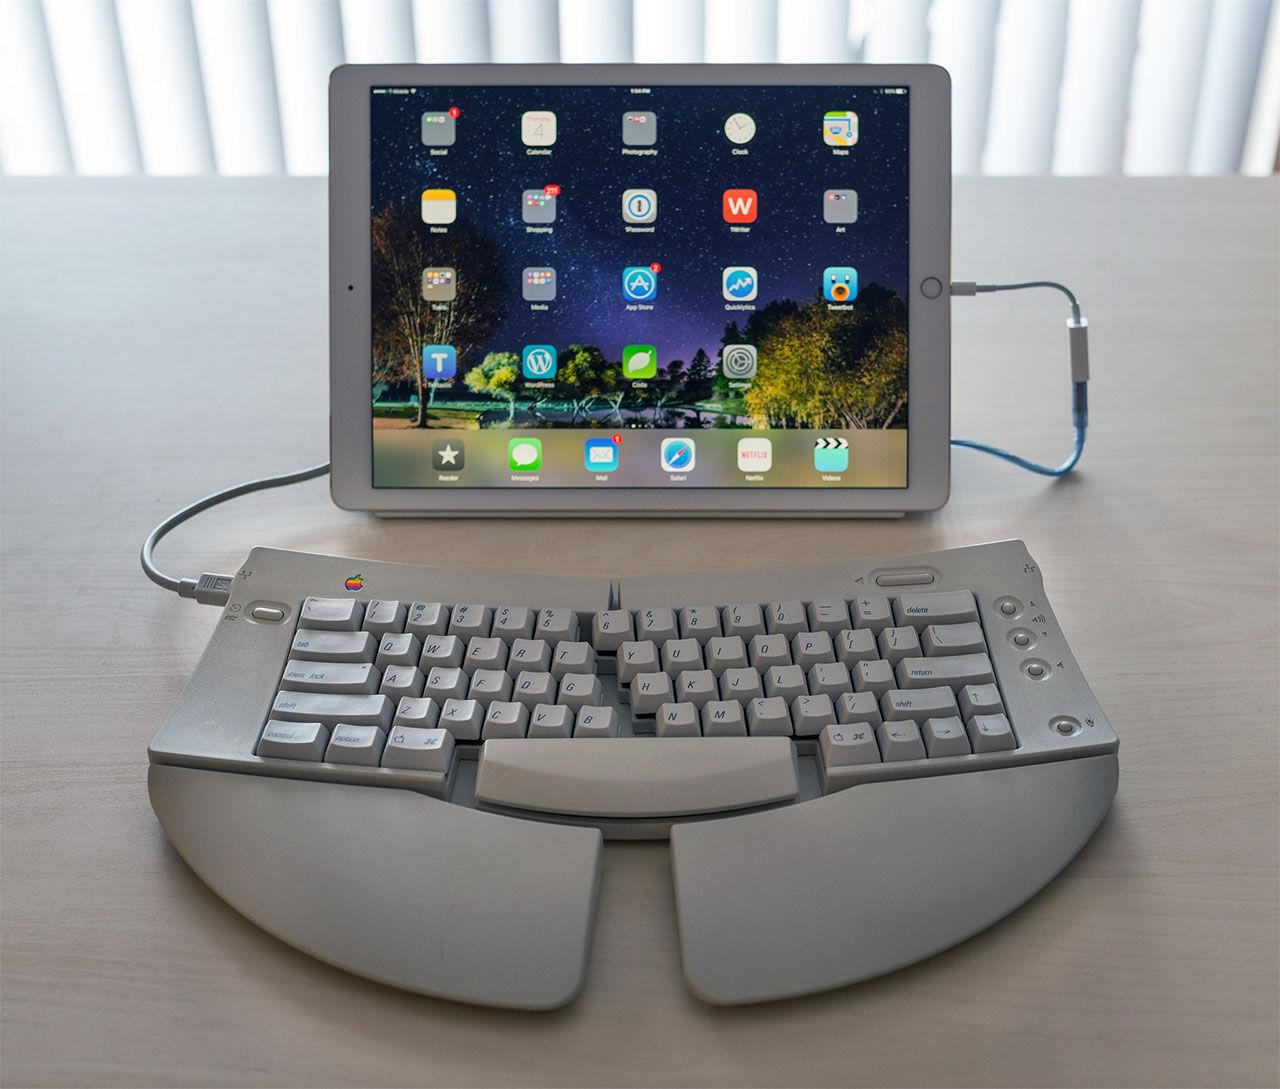 Koppla gammalt fint tangentbord till iPad